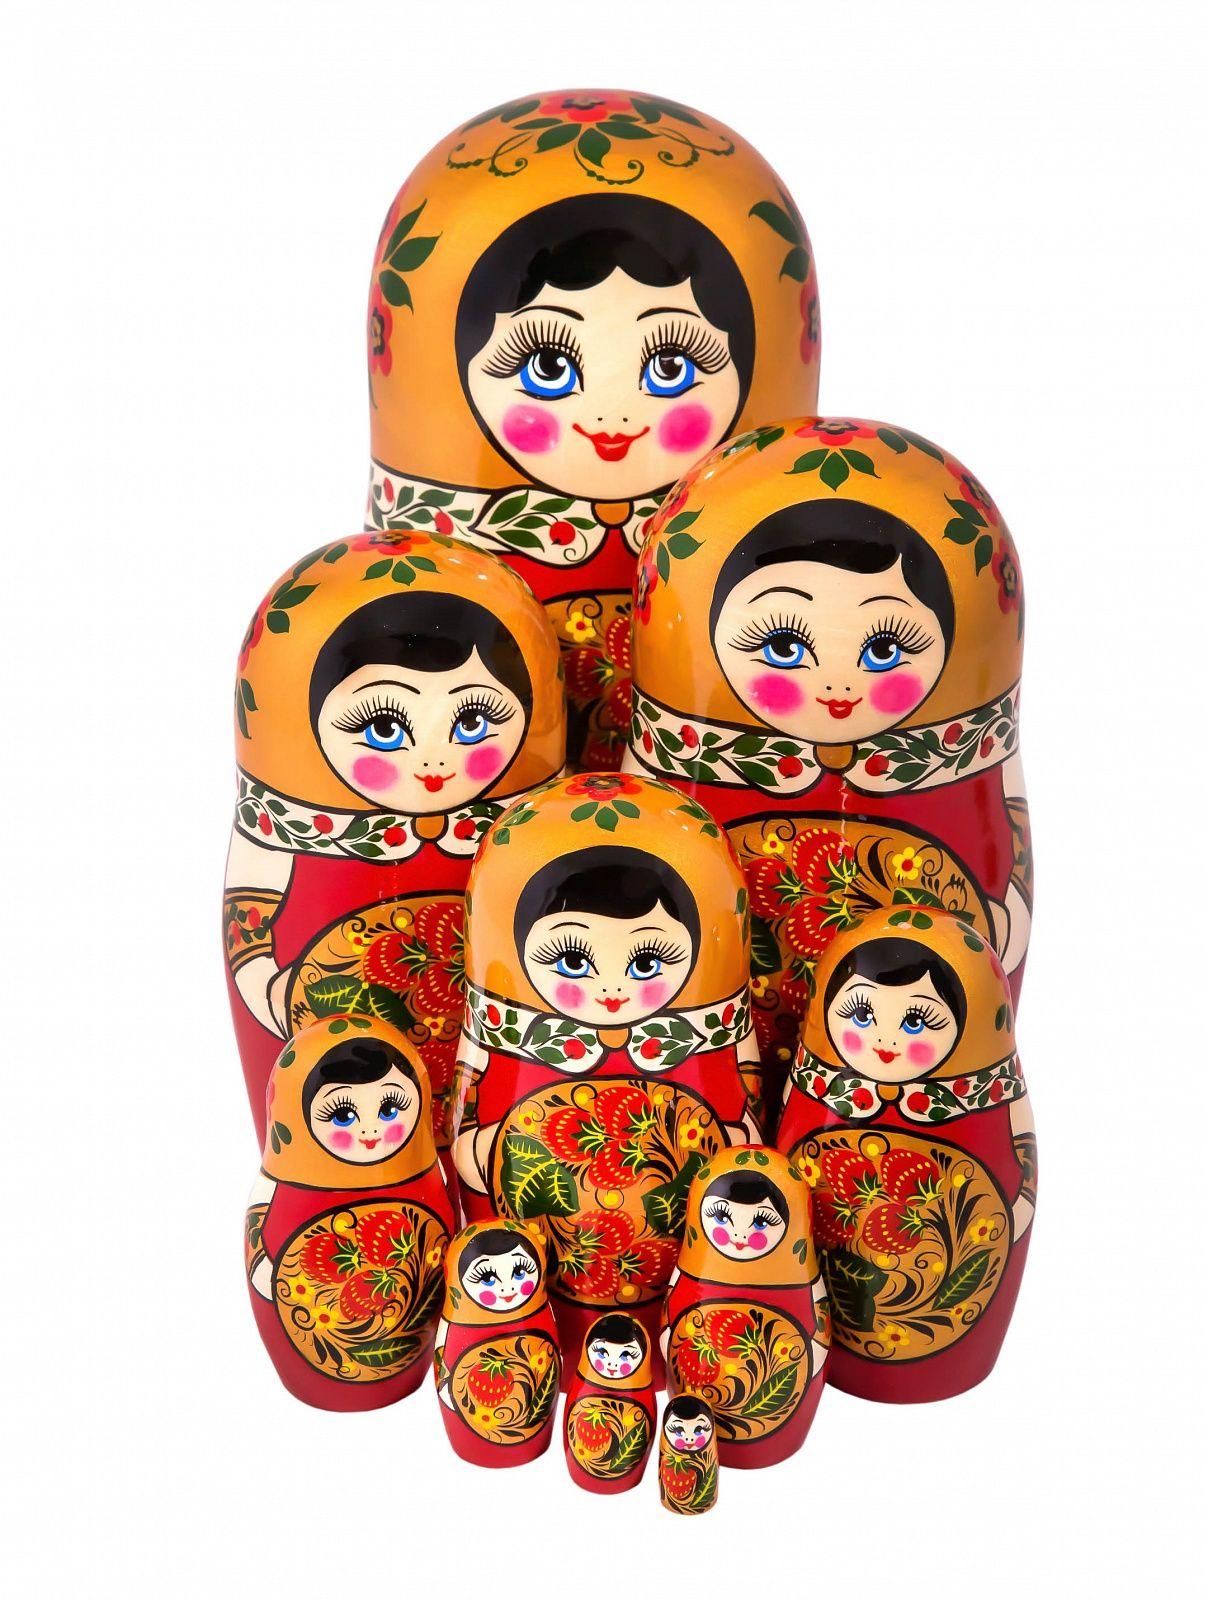 Khokhloma painting / Matryoshka Khokhloma 10 dolls